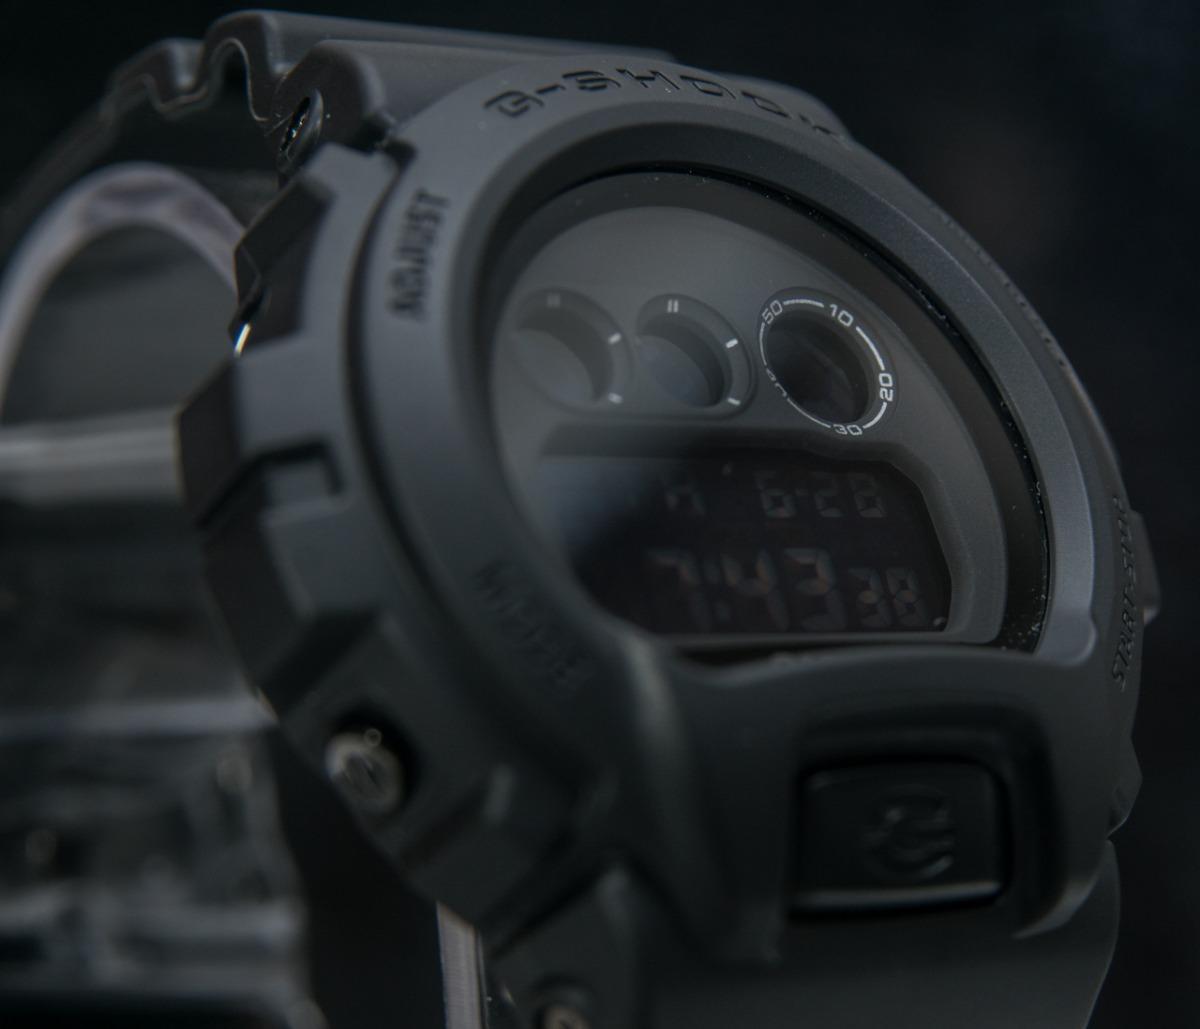 bdd0c2d2889 relógio g-shock dw-6900bb all black preto militar original. Carregando zoom.